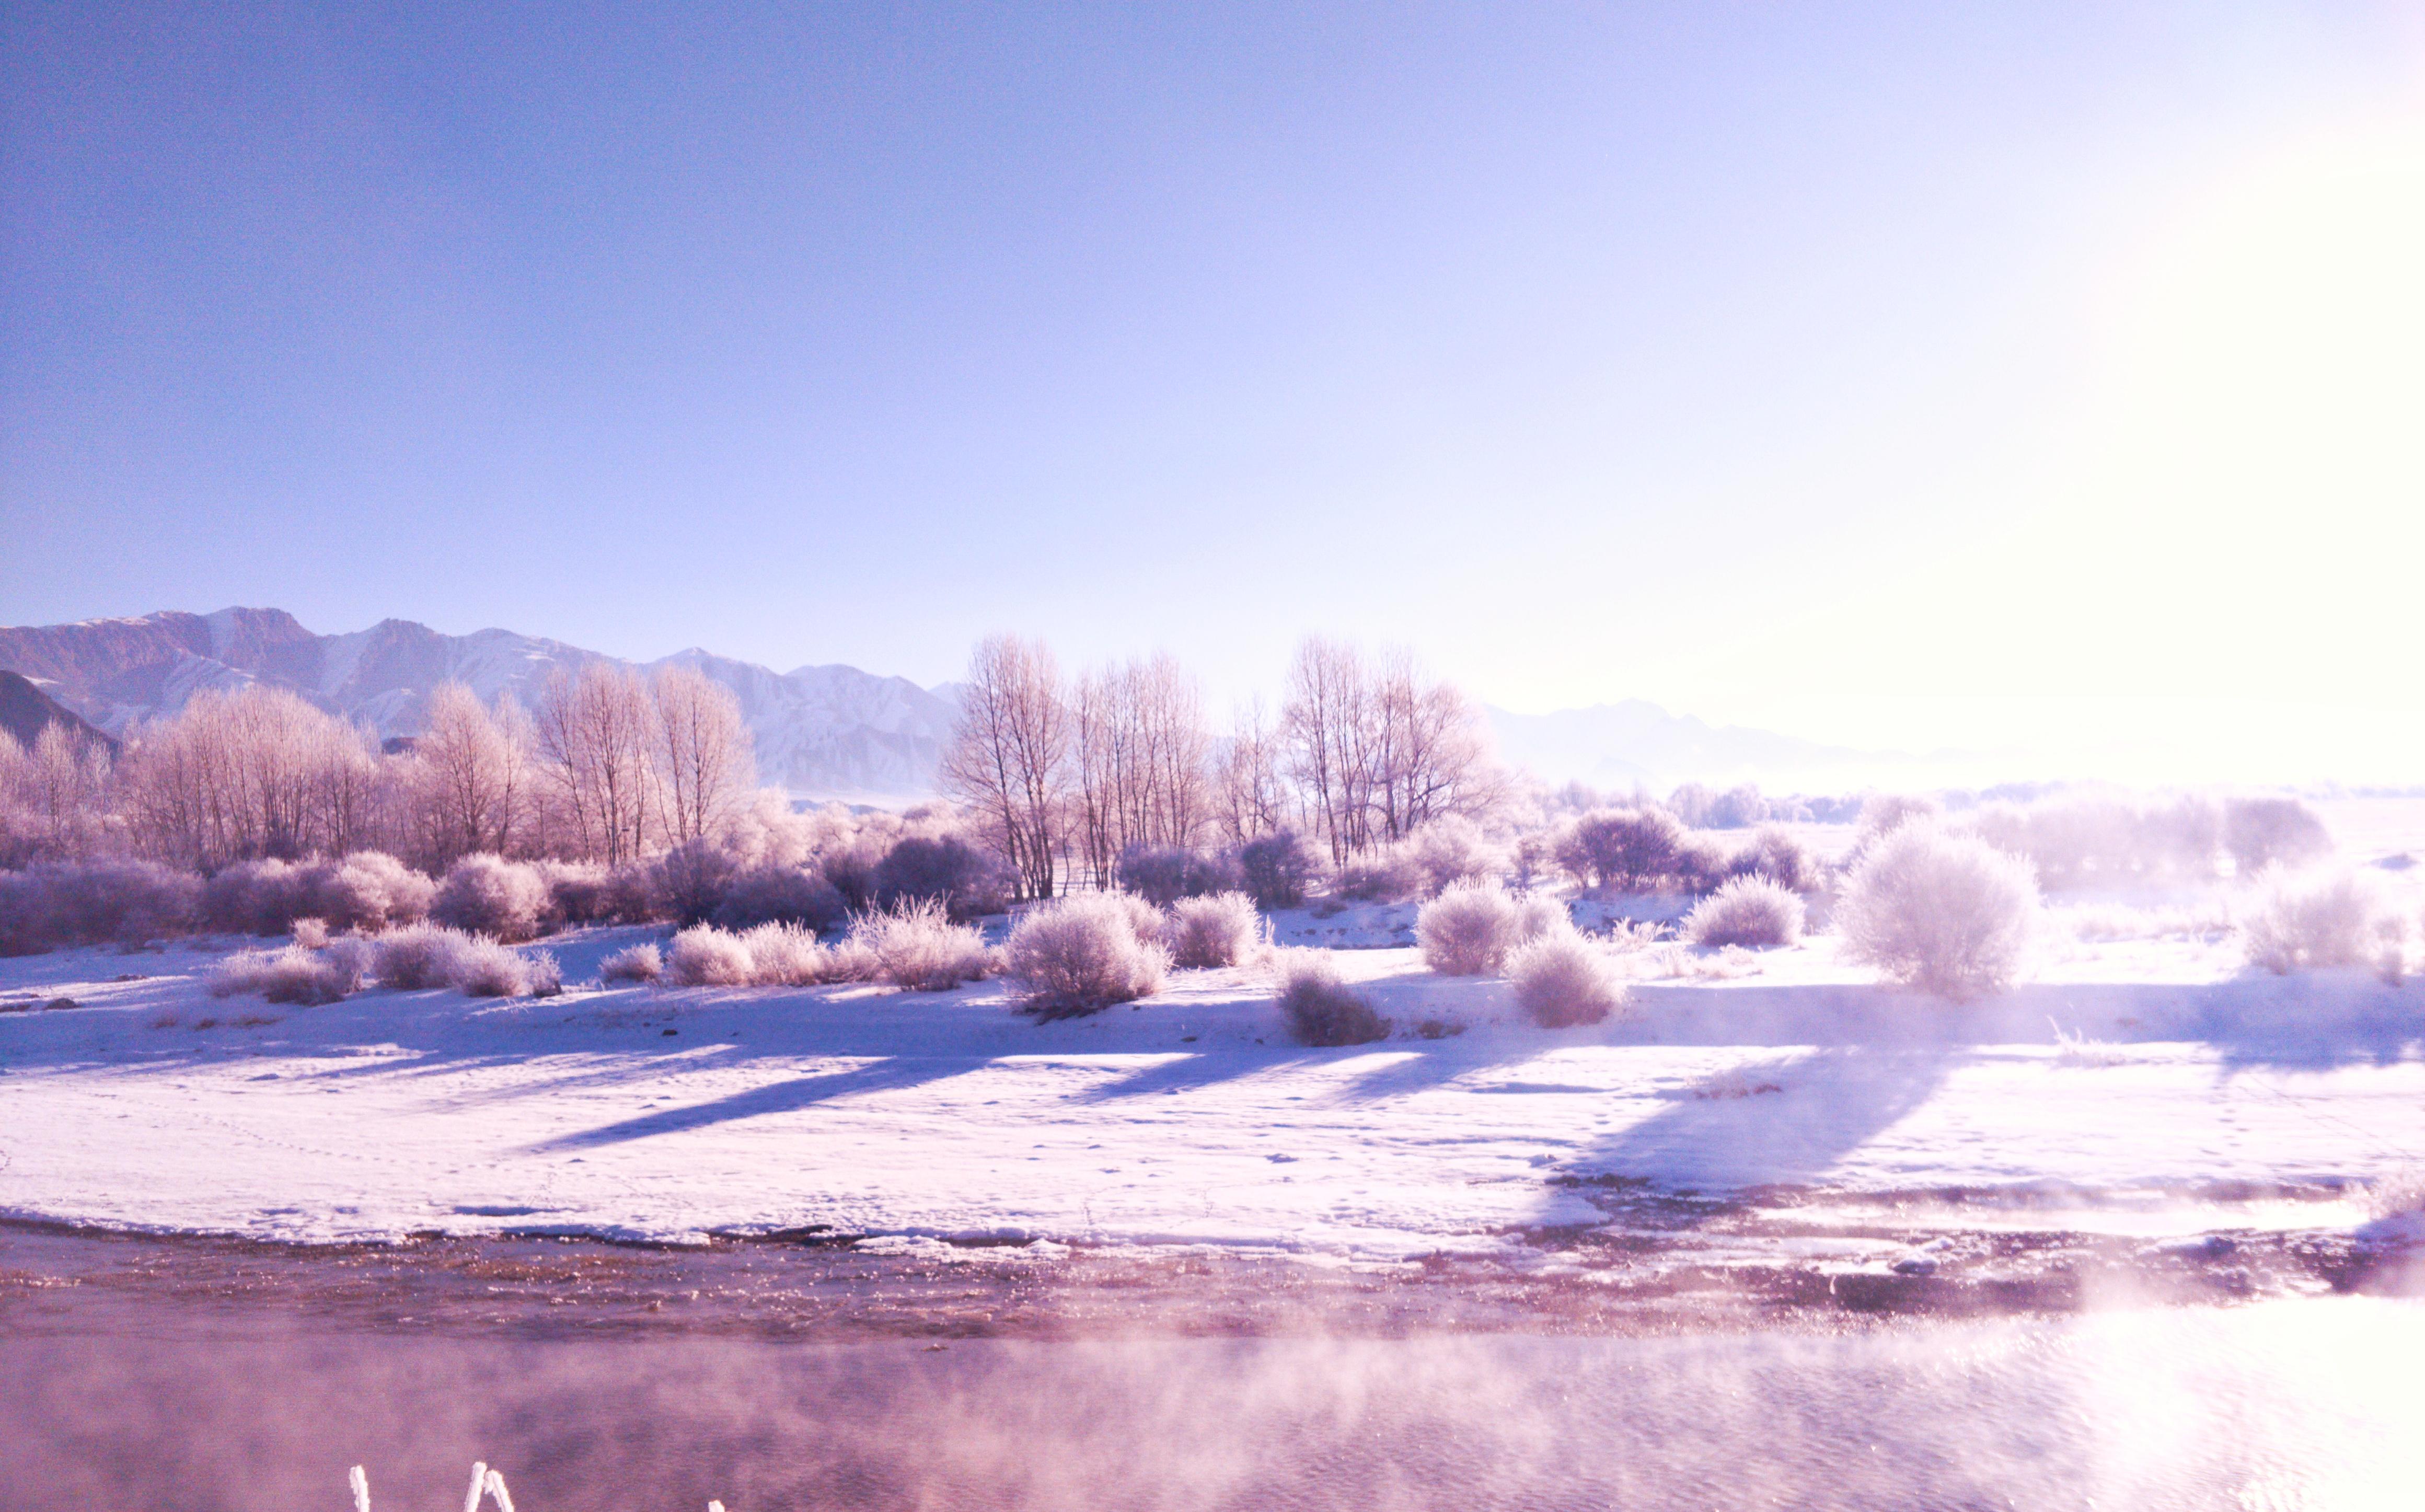 雪景42.jpg